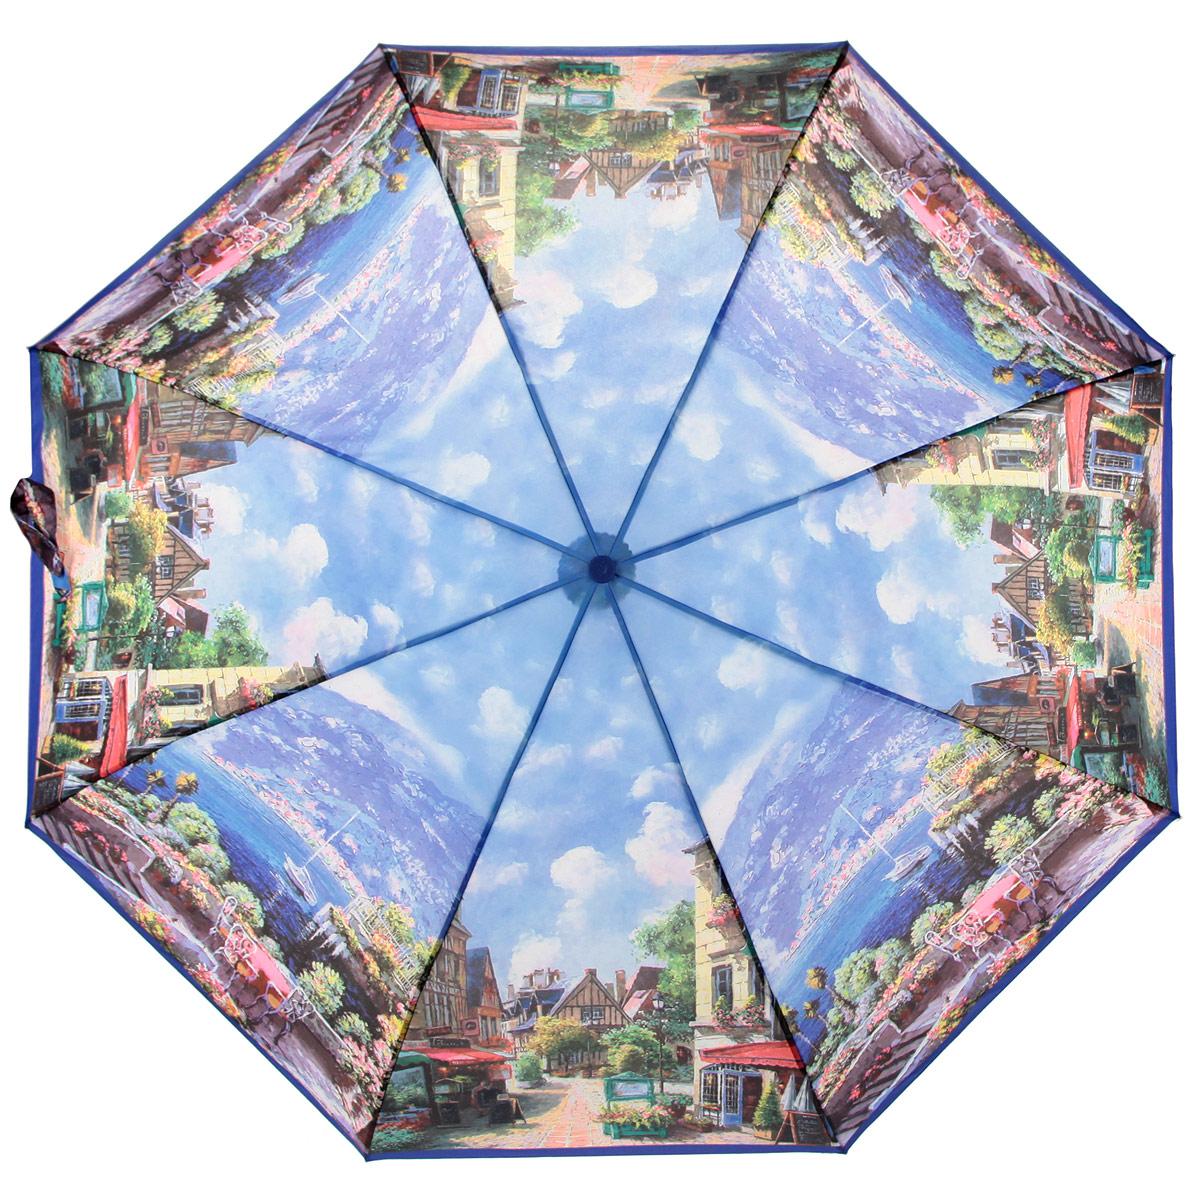 Зонт женский Zest, цвет: синий, мультицвет. 239555-03Серьги с подвескамиАвтоматический женский зонт Zest выполнен из прочной стали с антикоррозийным покрытием, содержит восемь спиц из фибергласса, устойчивых к выгибанию. Зонт оформлен сублимационной печатью, с высоким качеством изображения.Изделие оснащено полностью автоматическим механизмом. Предусмотрена комфортная прорезиненная ручка и чехол для хранения изделия.Стильный автоматический Zest даже в ненастную погоду позволит вам оставаться элегантной.